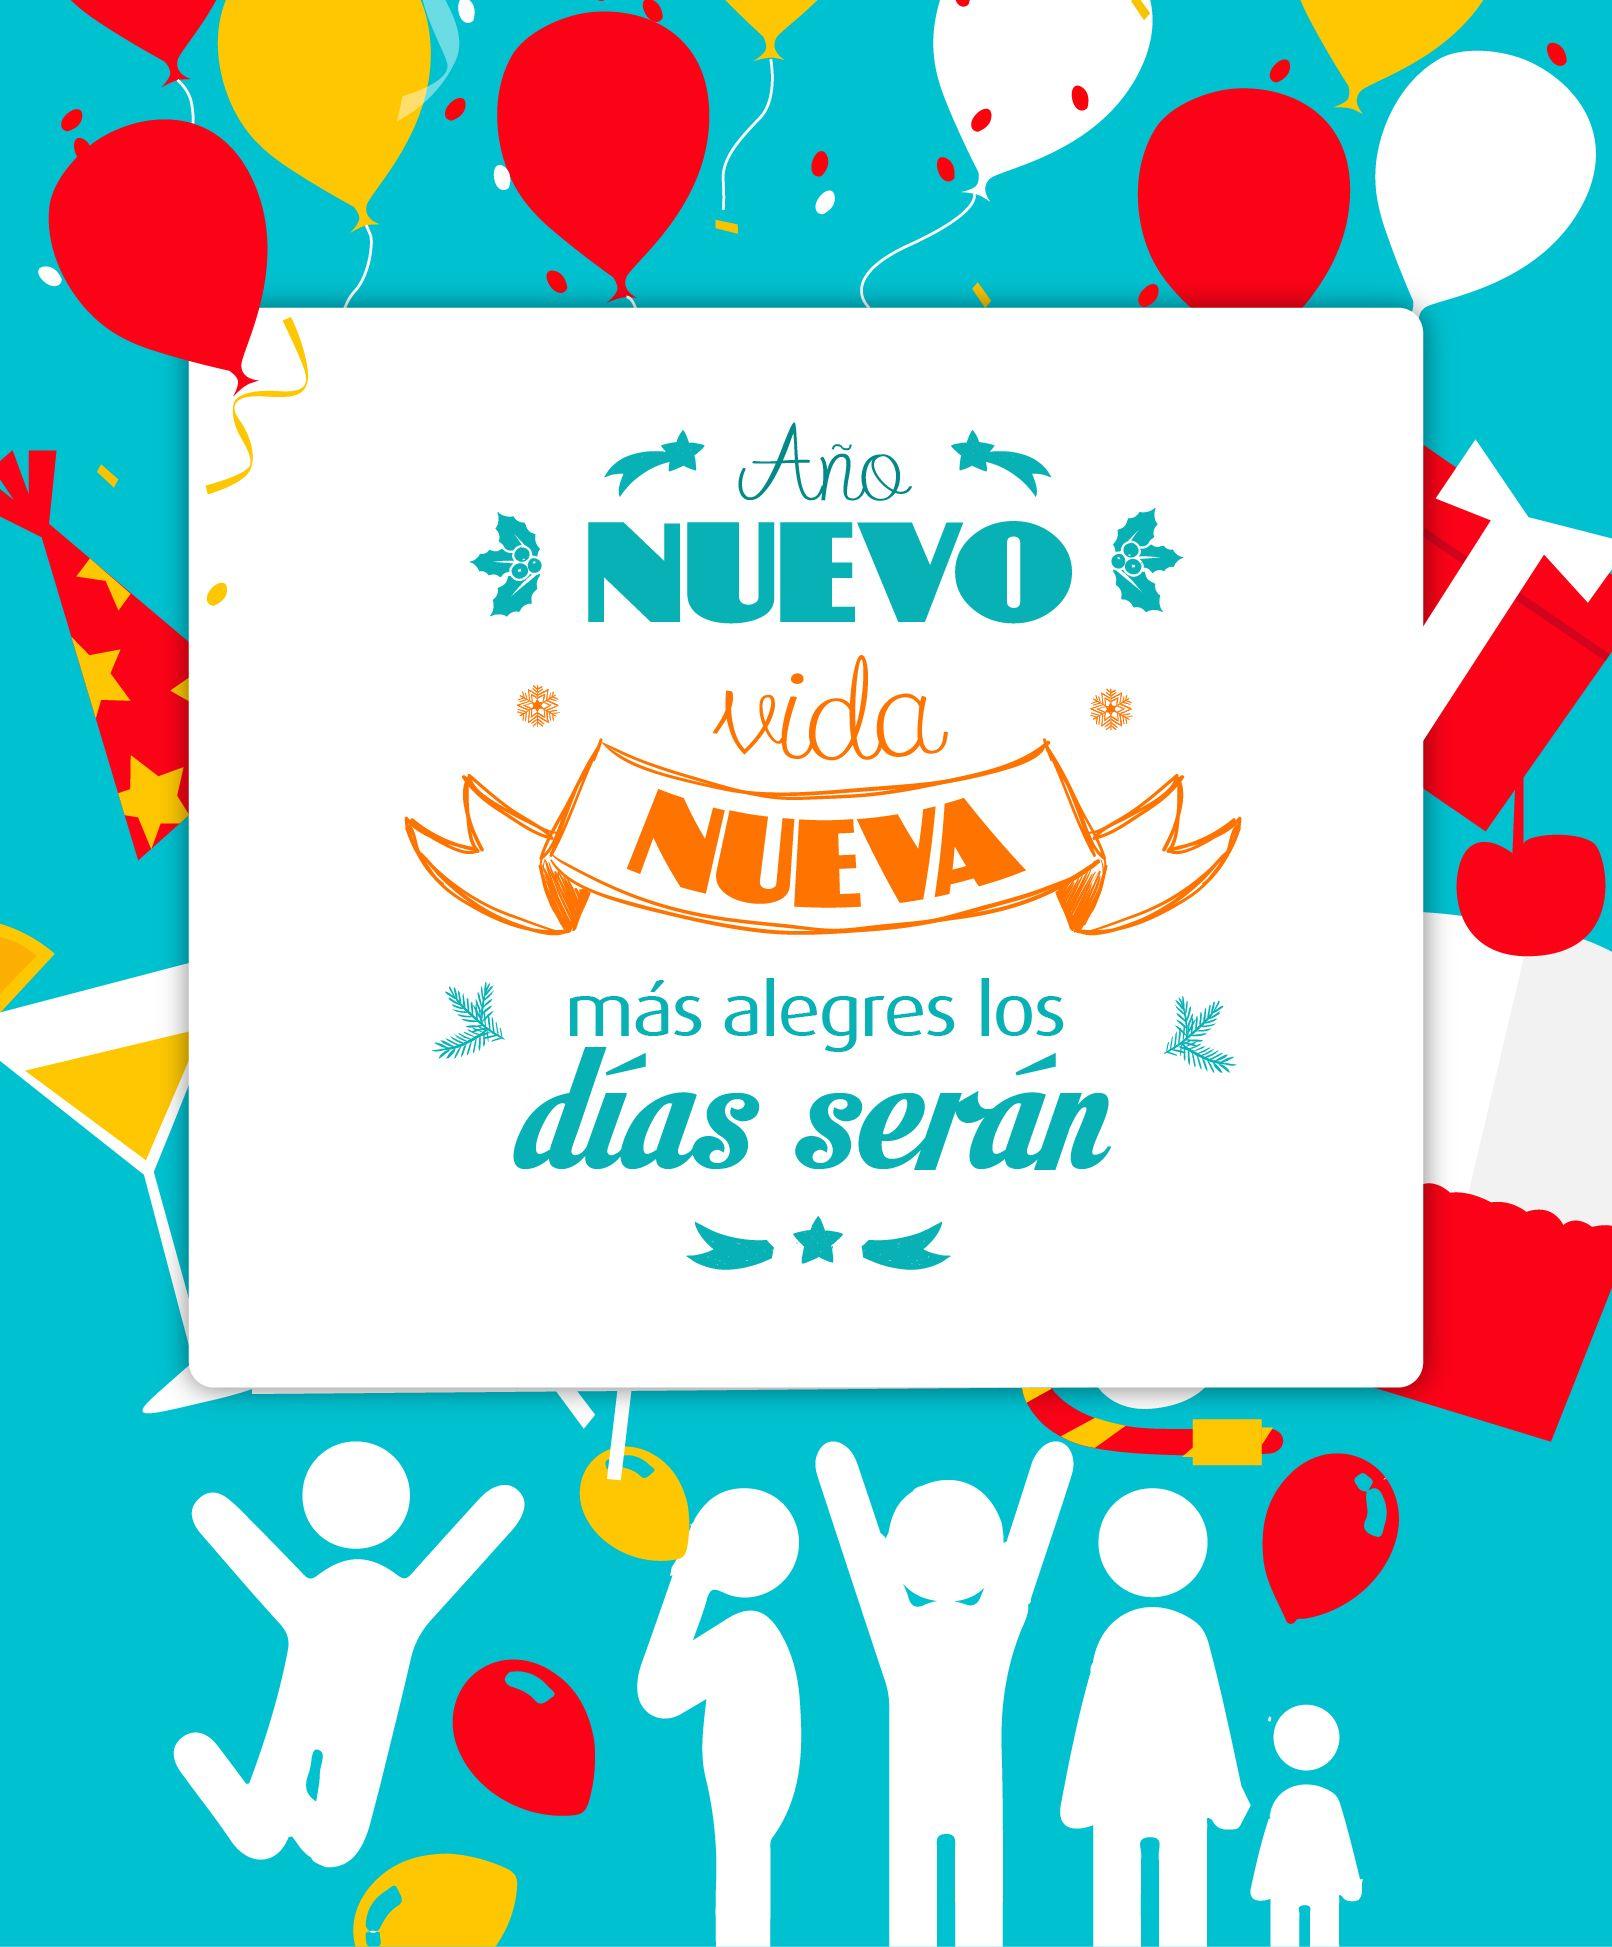 ¡Abraza a los tuyos y recibe el 2015 cantando con alegría!